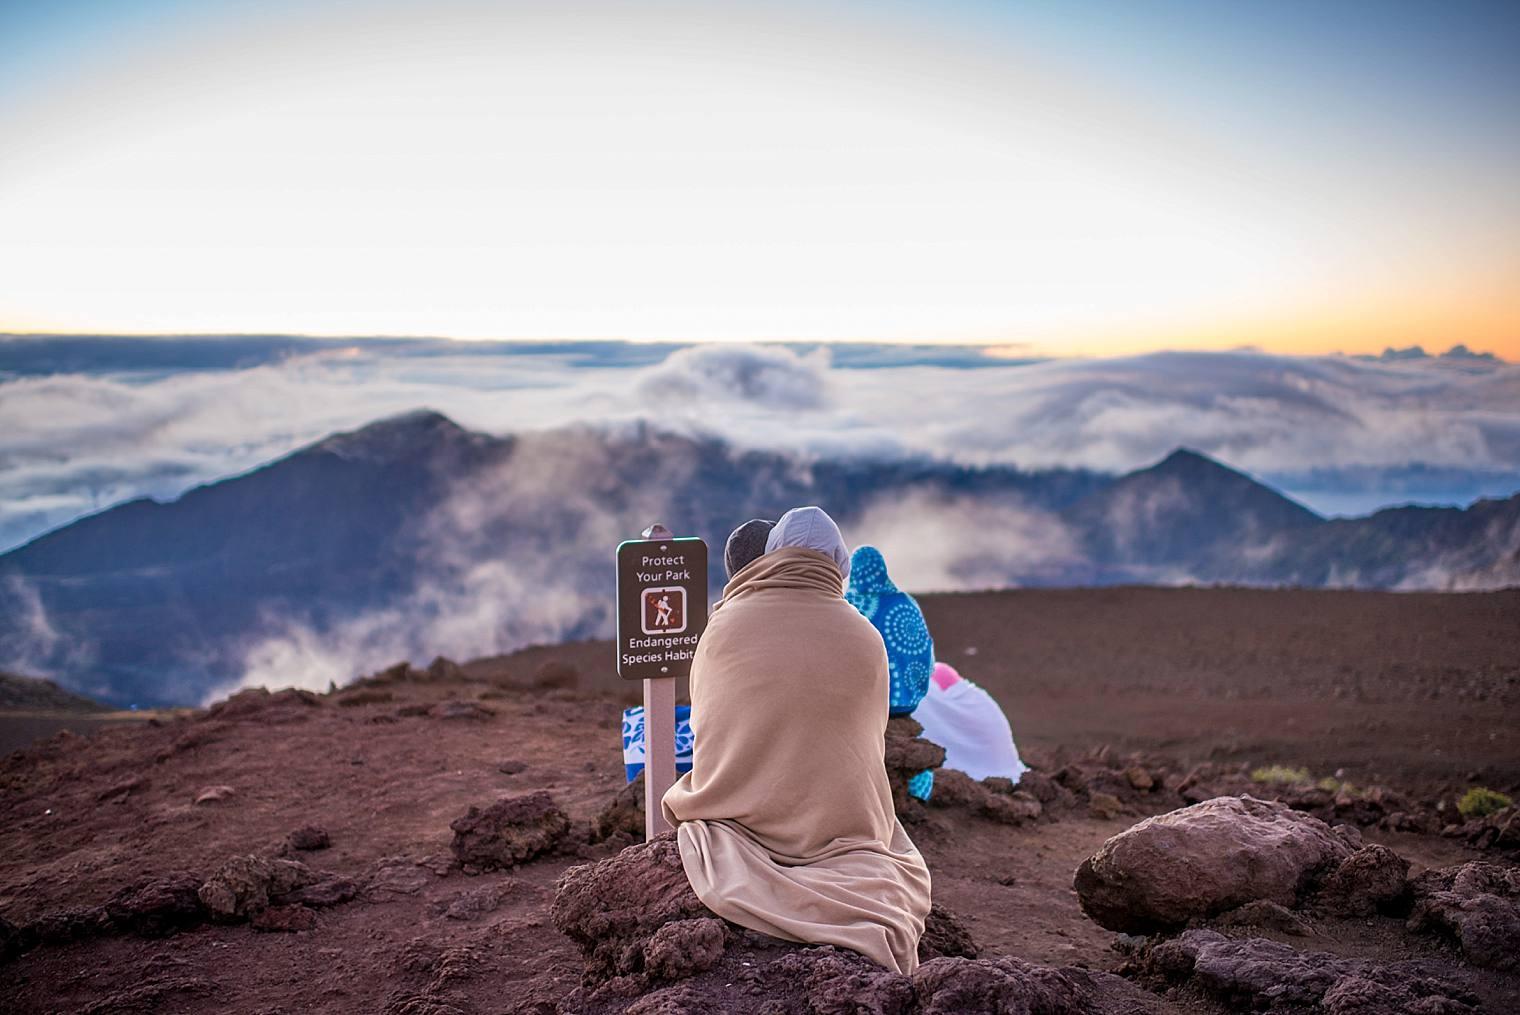 Haleakala Proposal Photographer Sunrise | Engaged on Maui_0004